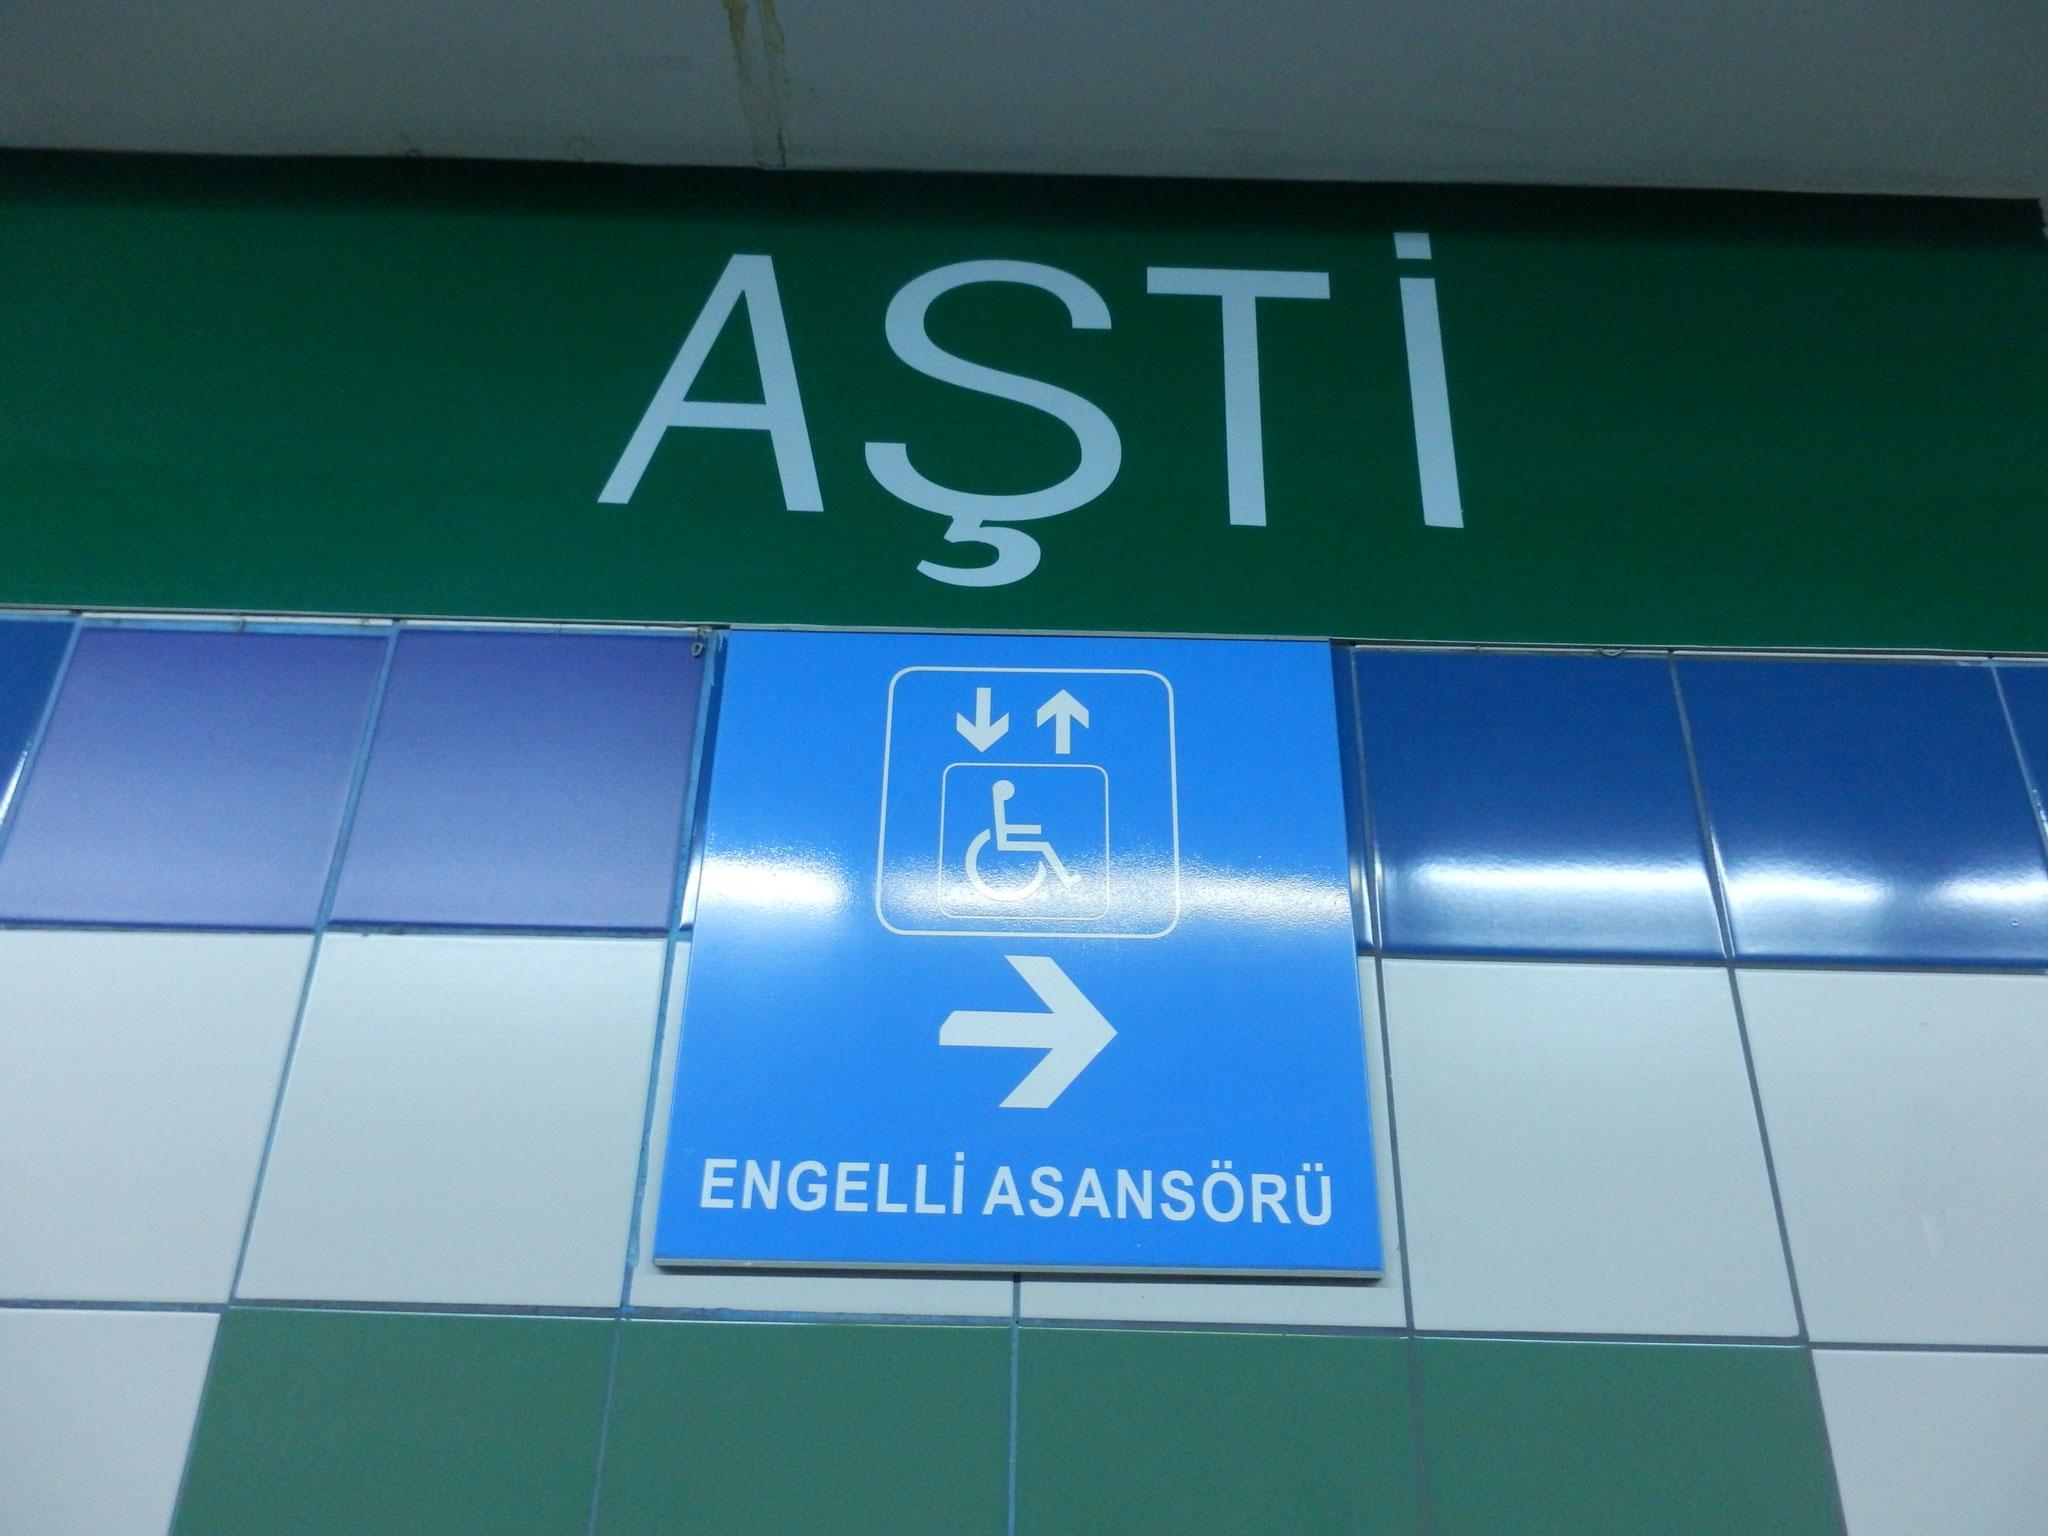 アンカラ交通局 身体障碍者用エレベーター